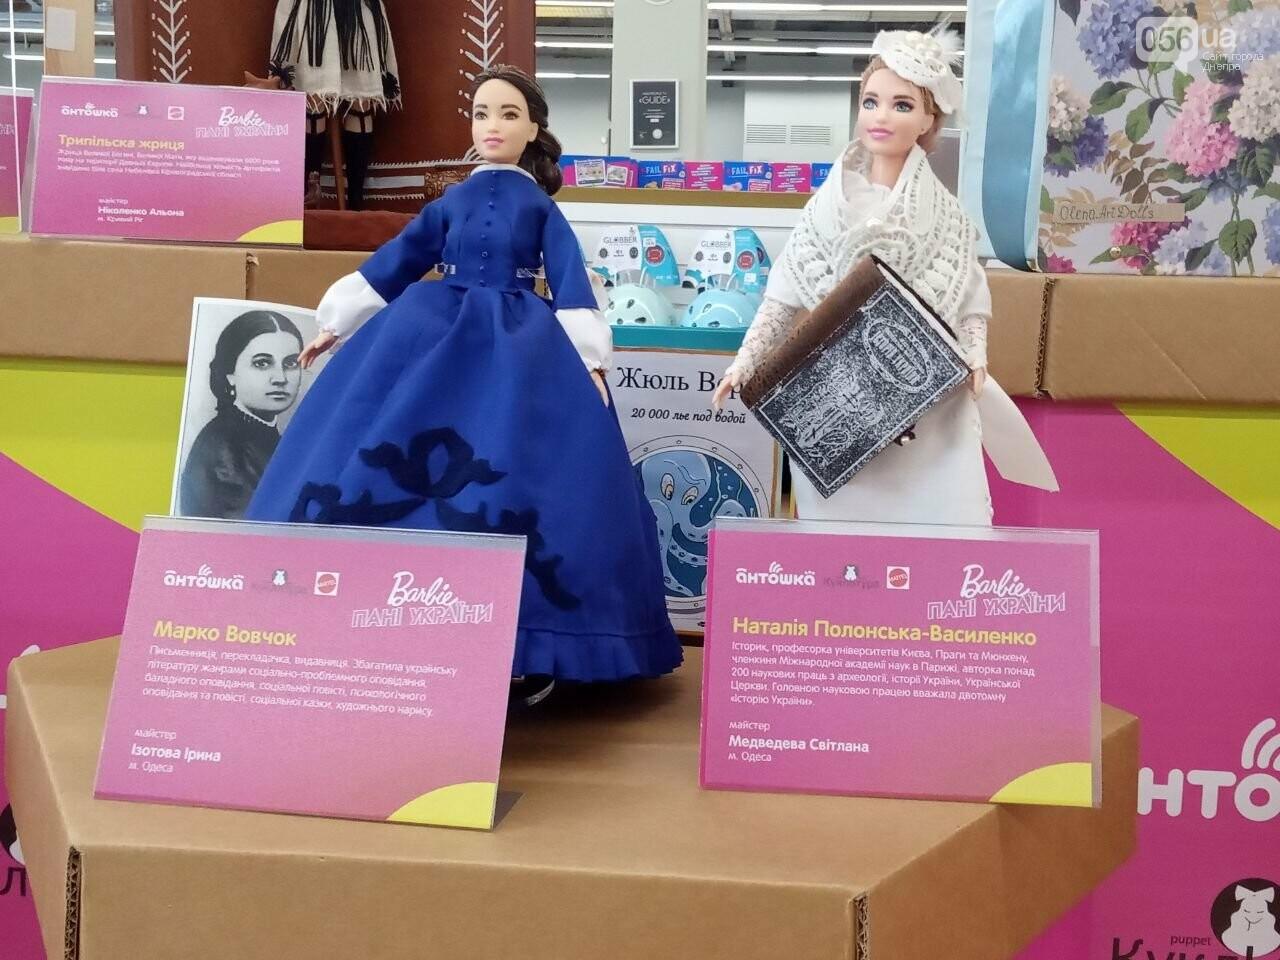 В Днепре продолжают гостить куклы Barbie, - ФОТО, фото-12